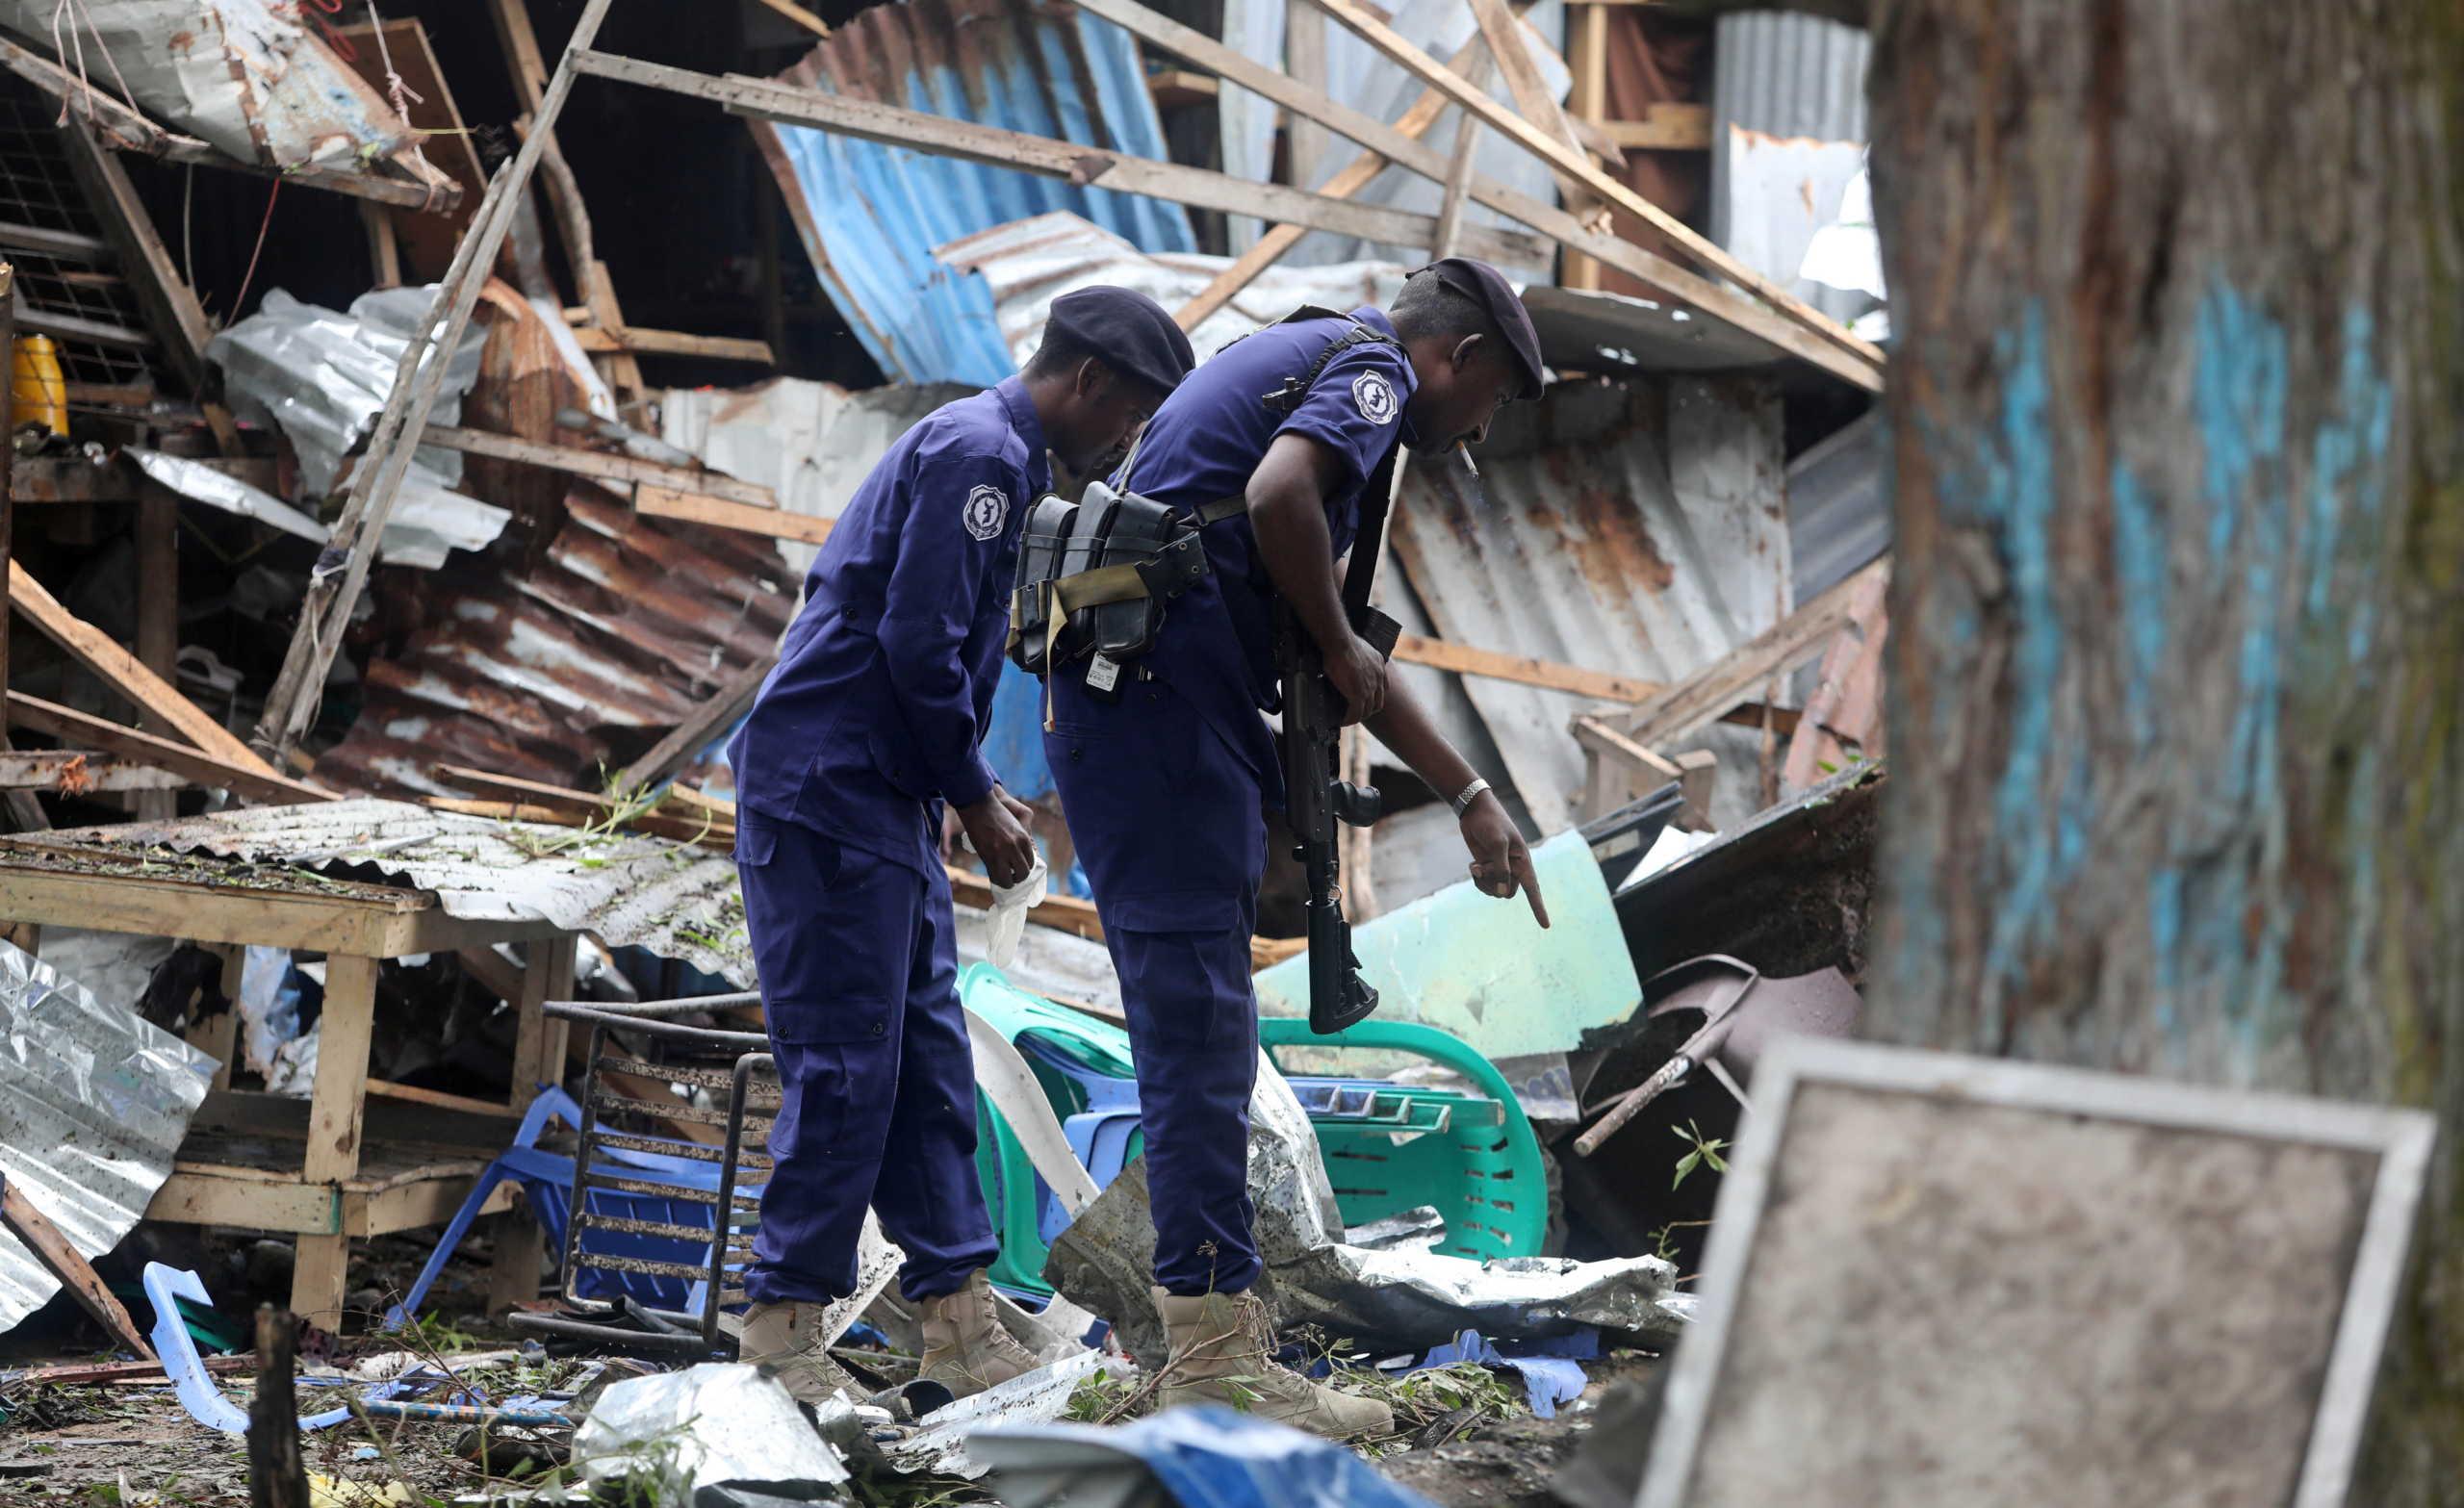 Μαλί: Τουλάχιστον 20 καλεσμένοι σε γάμο σκοτώθηκαν σε βομβαρδισμό